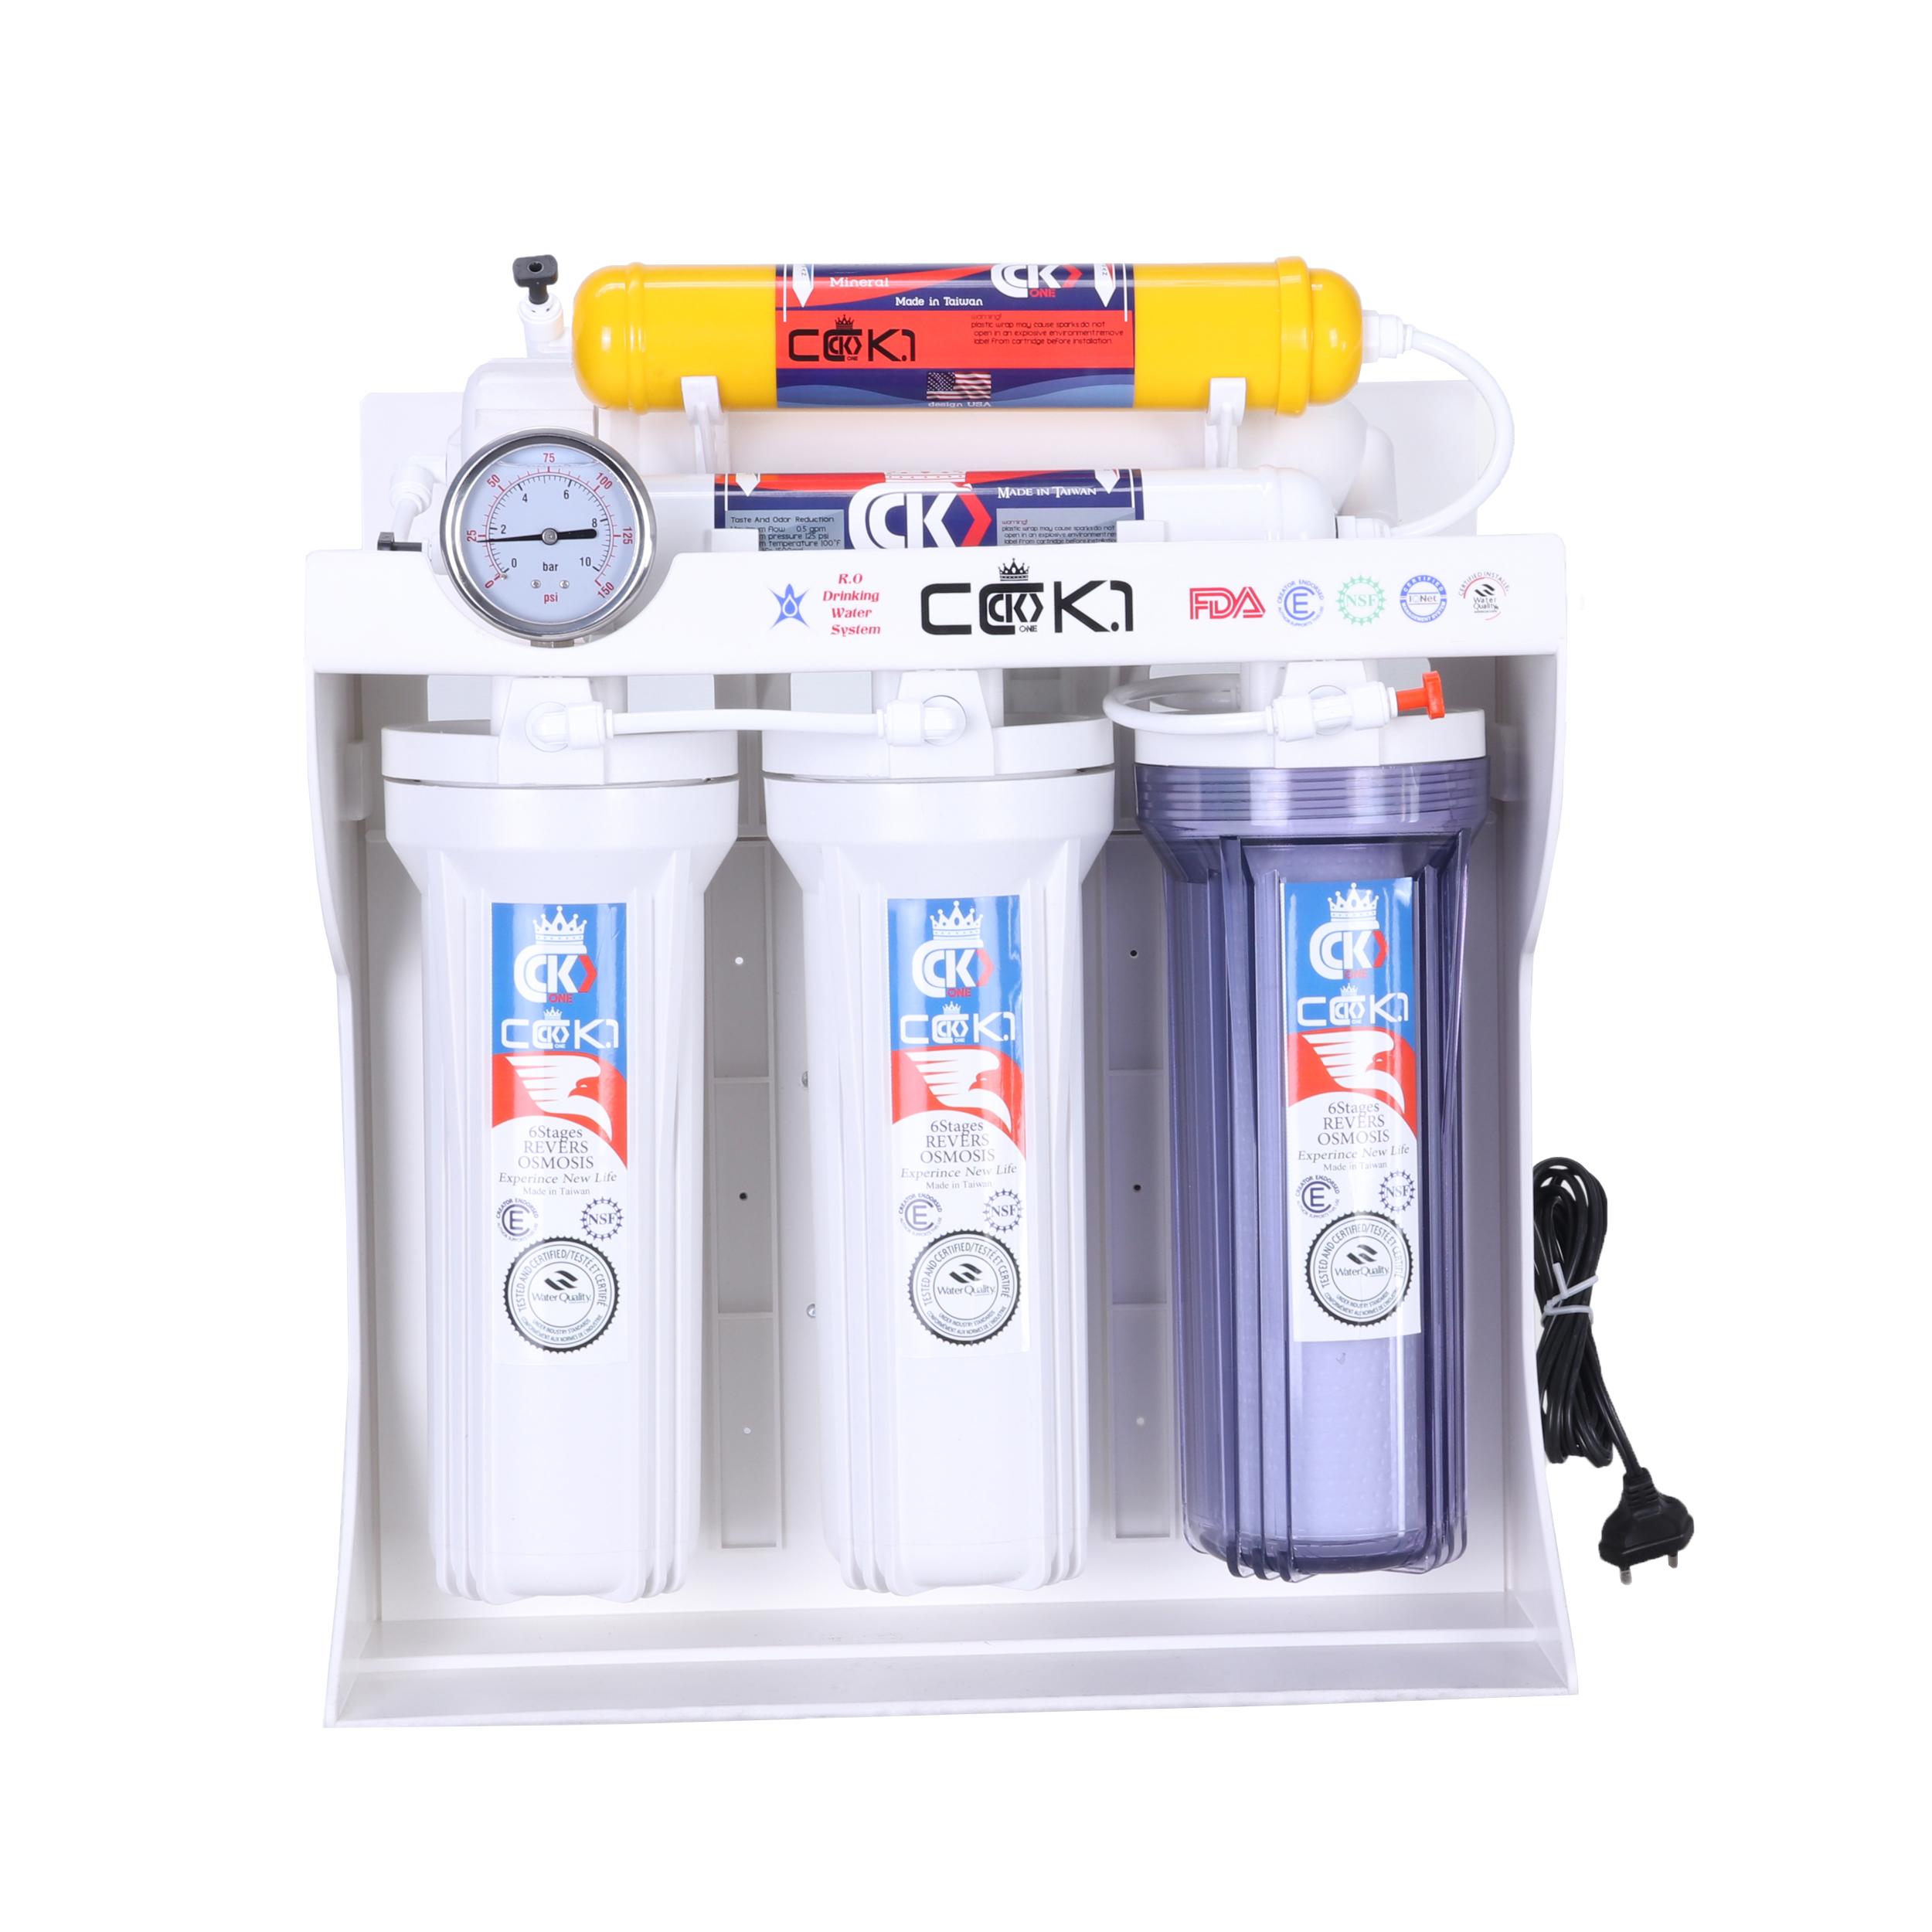 دستگاه تصفیه کننده آب سی سی کا وان مدل Ro_c6